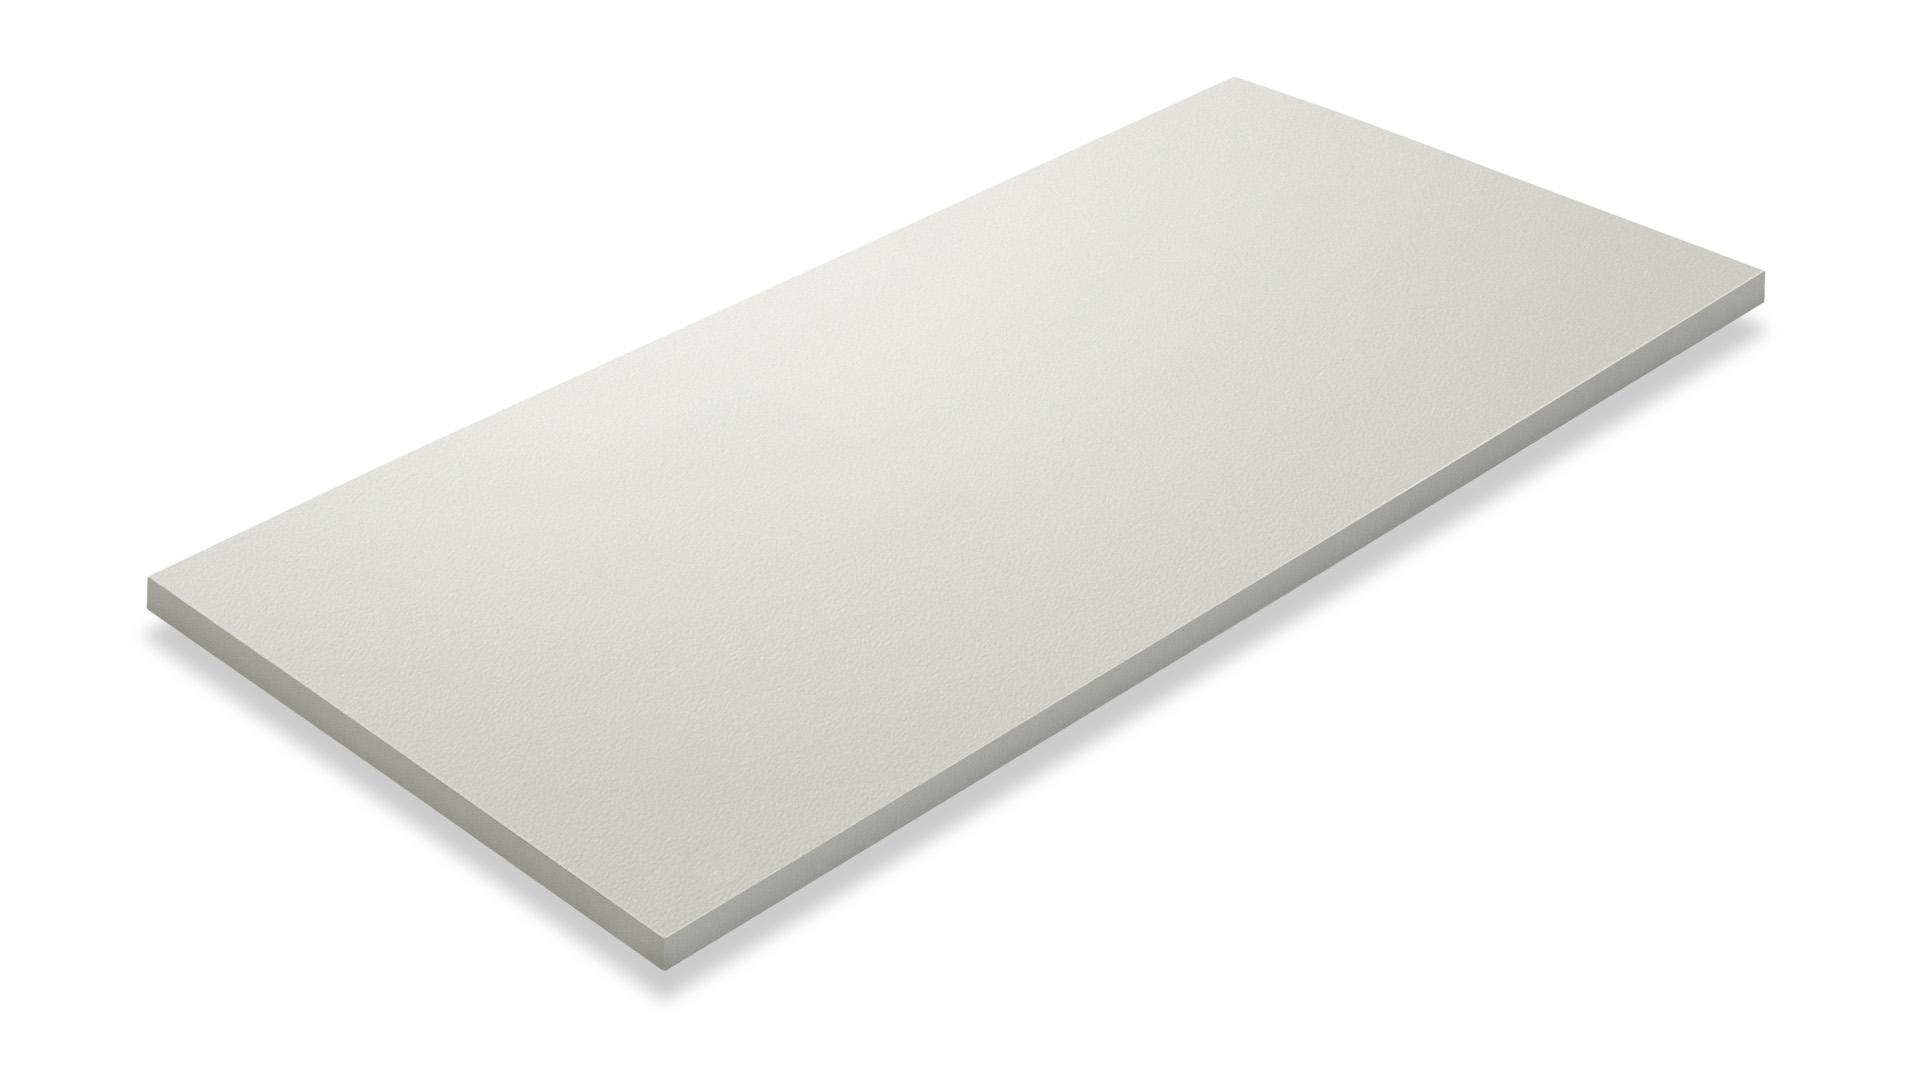 สมาร์ทบอร์ด เอสซีจี รุ่นขอบเรียบ ขนาด 120x240x2.0 ซม. สีซีเมนต์